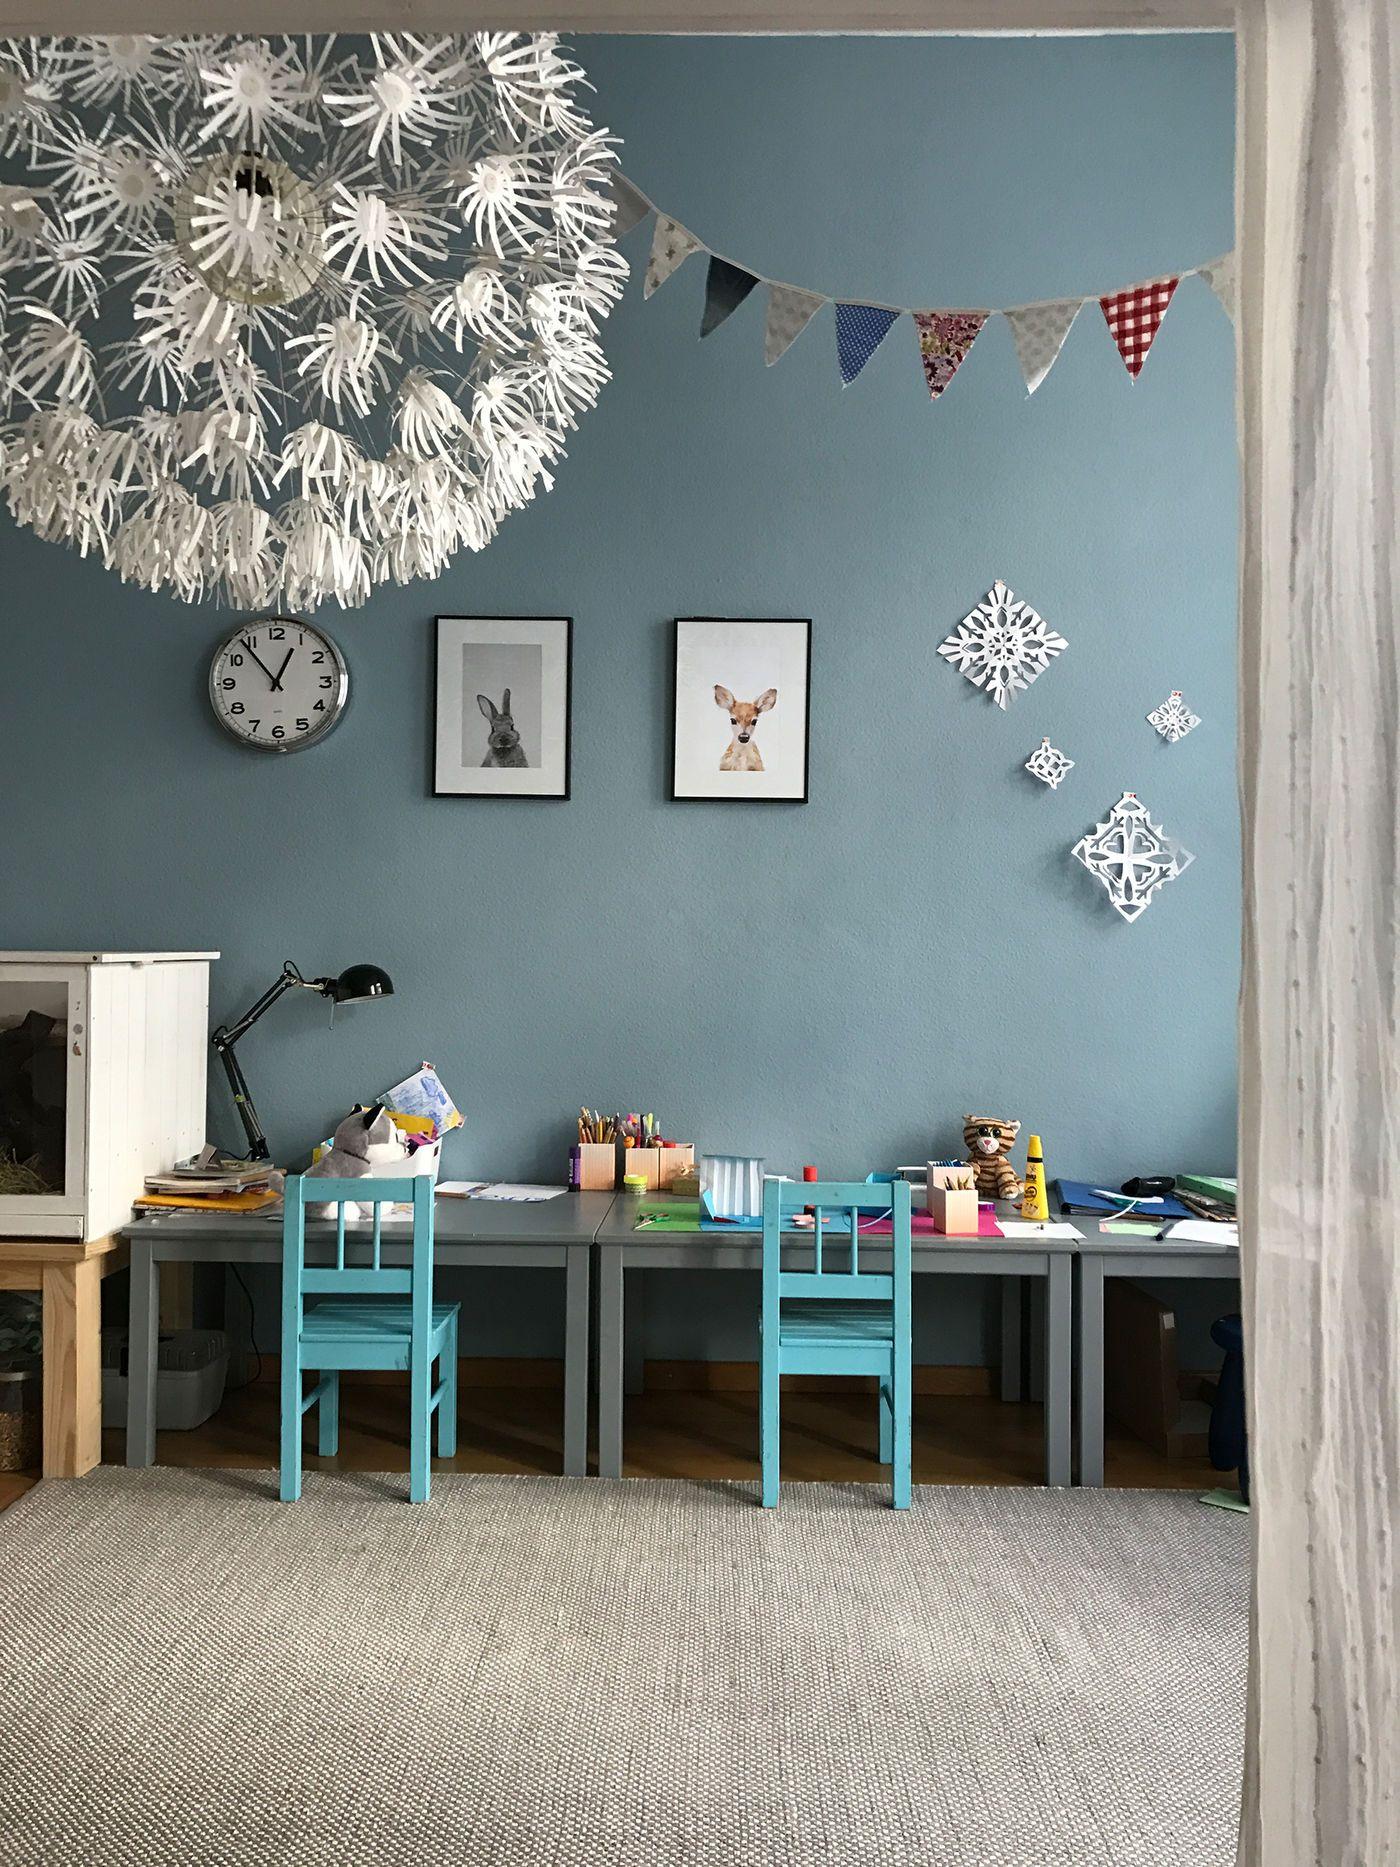 Full Size of Regal Kinderzimmer Sofa Regale Weiß Wohnzimmer Wandgestaltung Kinderzimmer Jungen